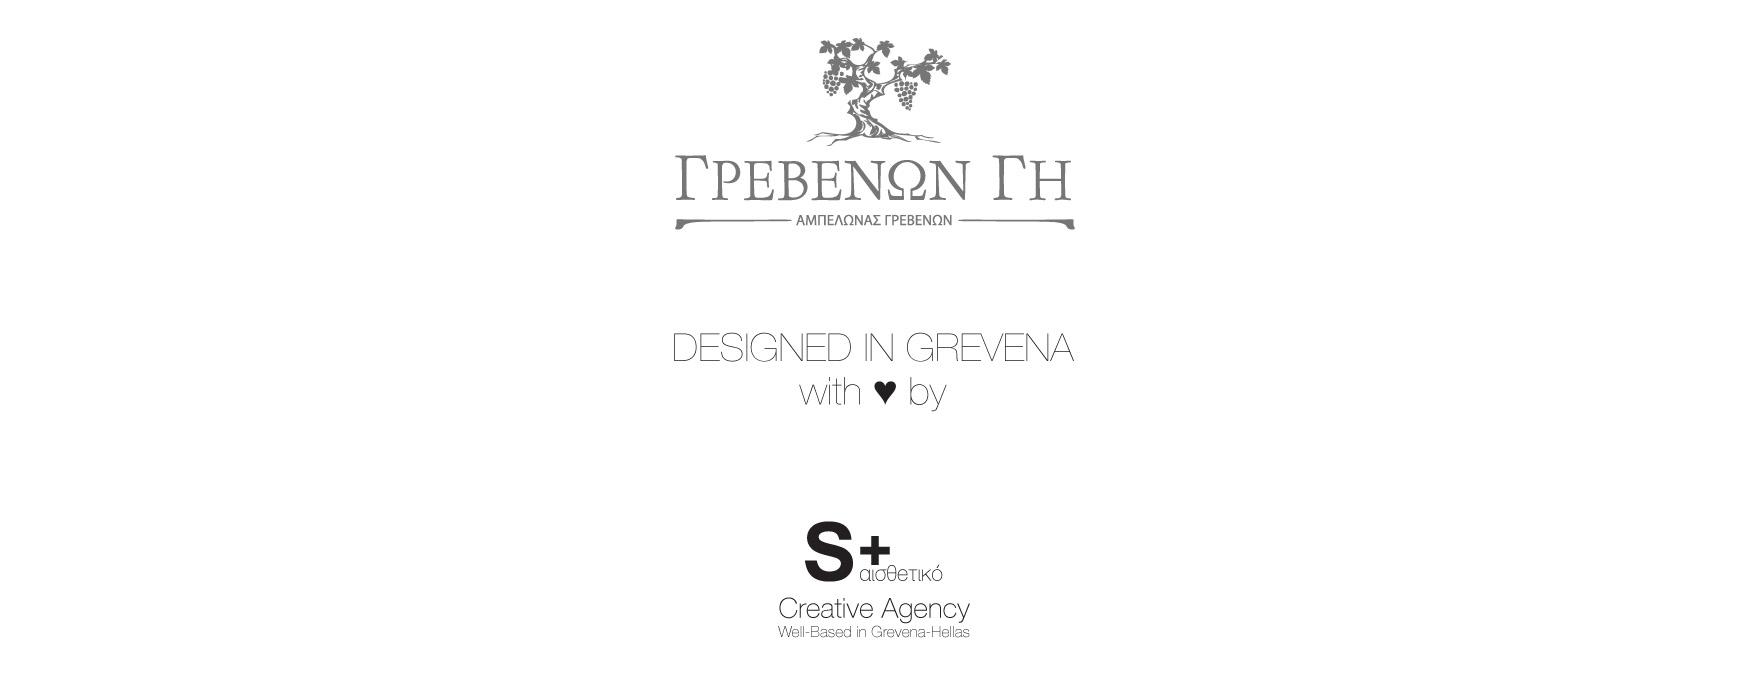 grevenon_gh_logo_designed